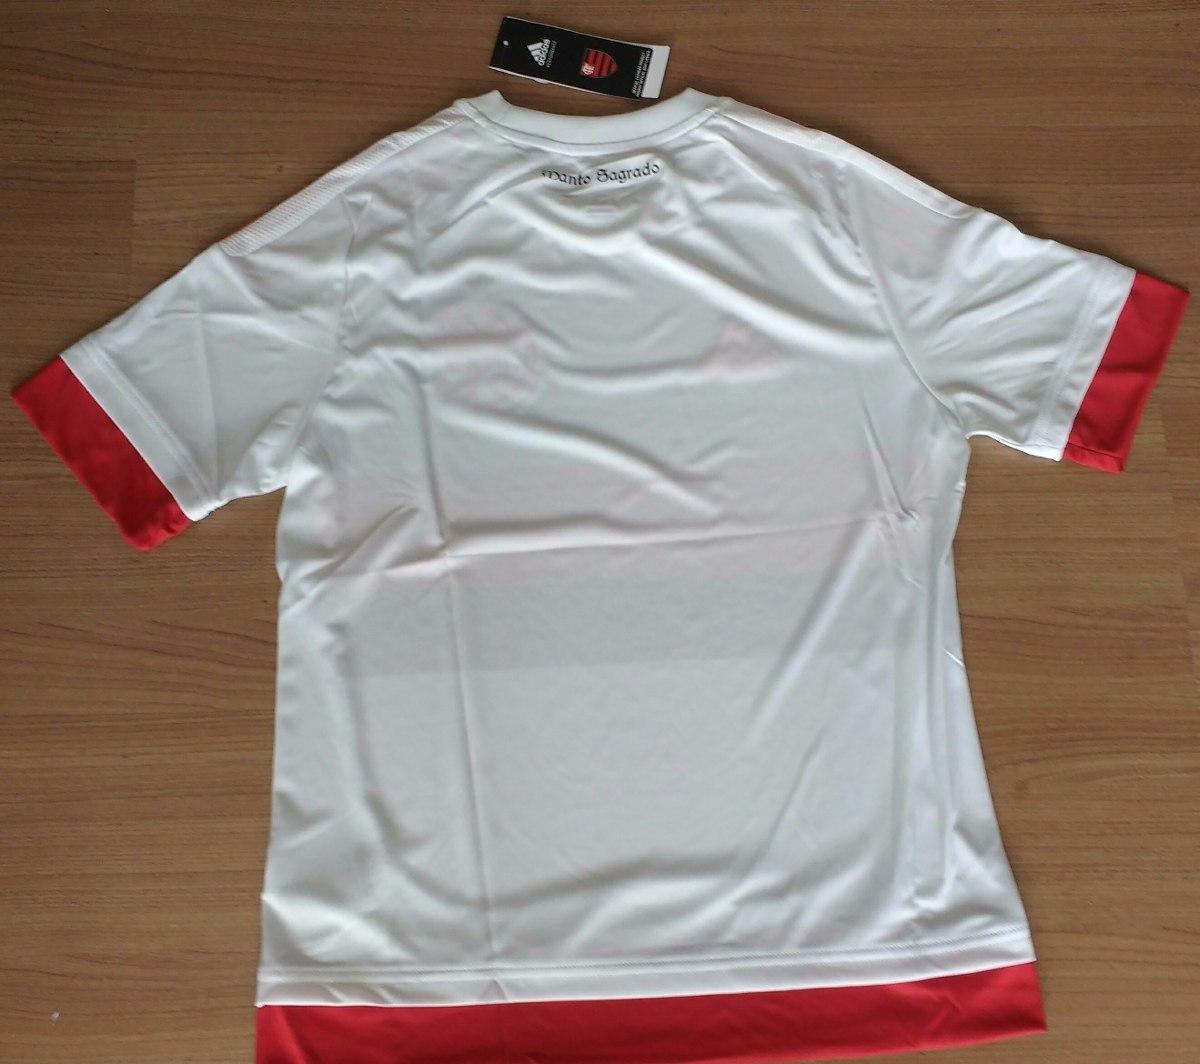 e3685df32f camisa do flamengo feminina adidas original tec climacool. Carregando zoom.